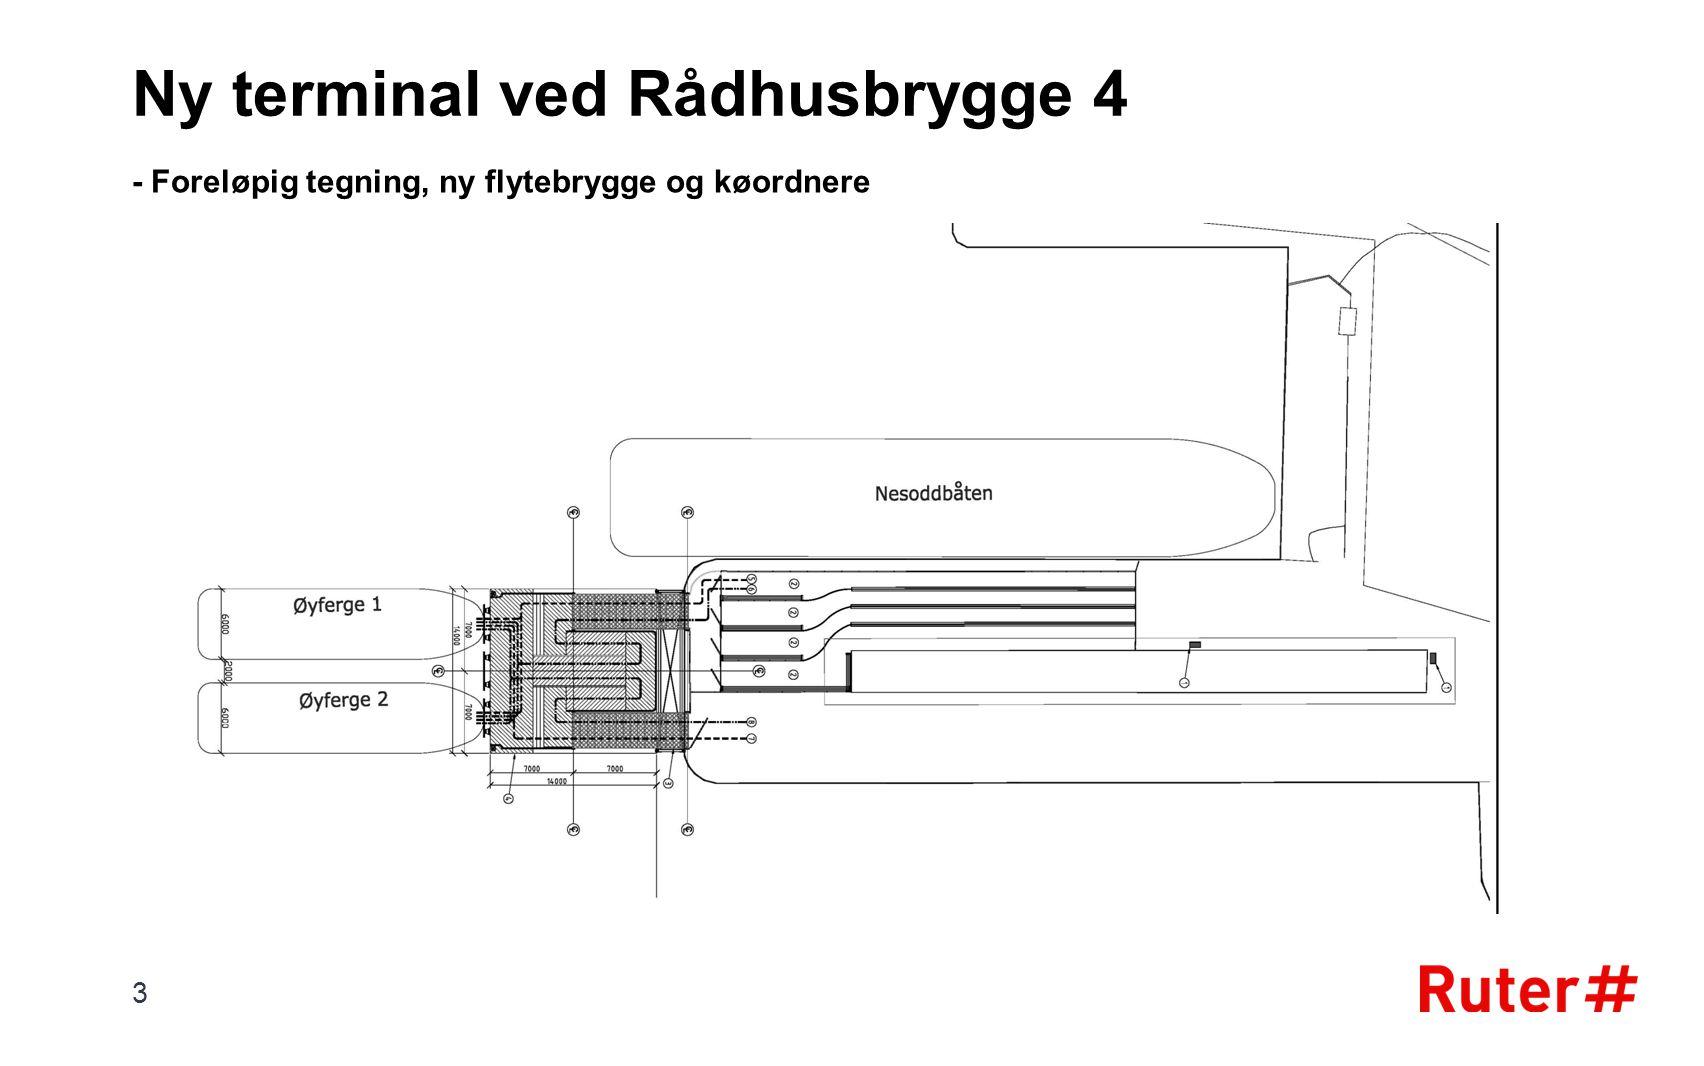 - Foreløpig tegning, ny flytebrygge og køordnere 3 Ny terminal ved Rådhusbrygge 4